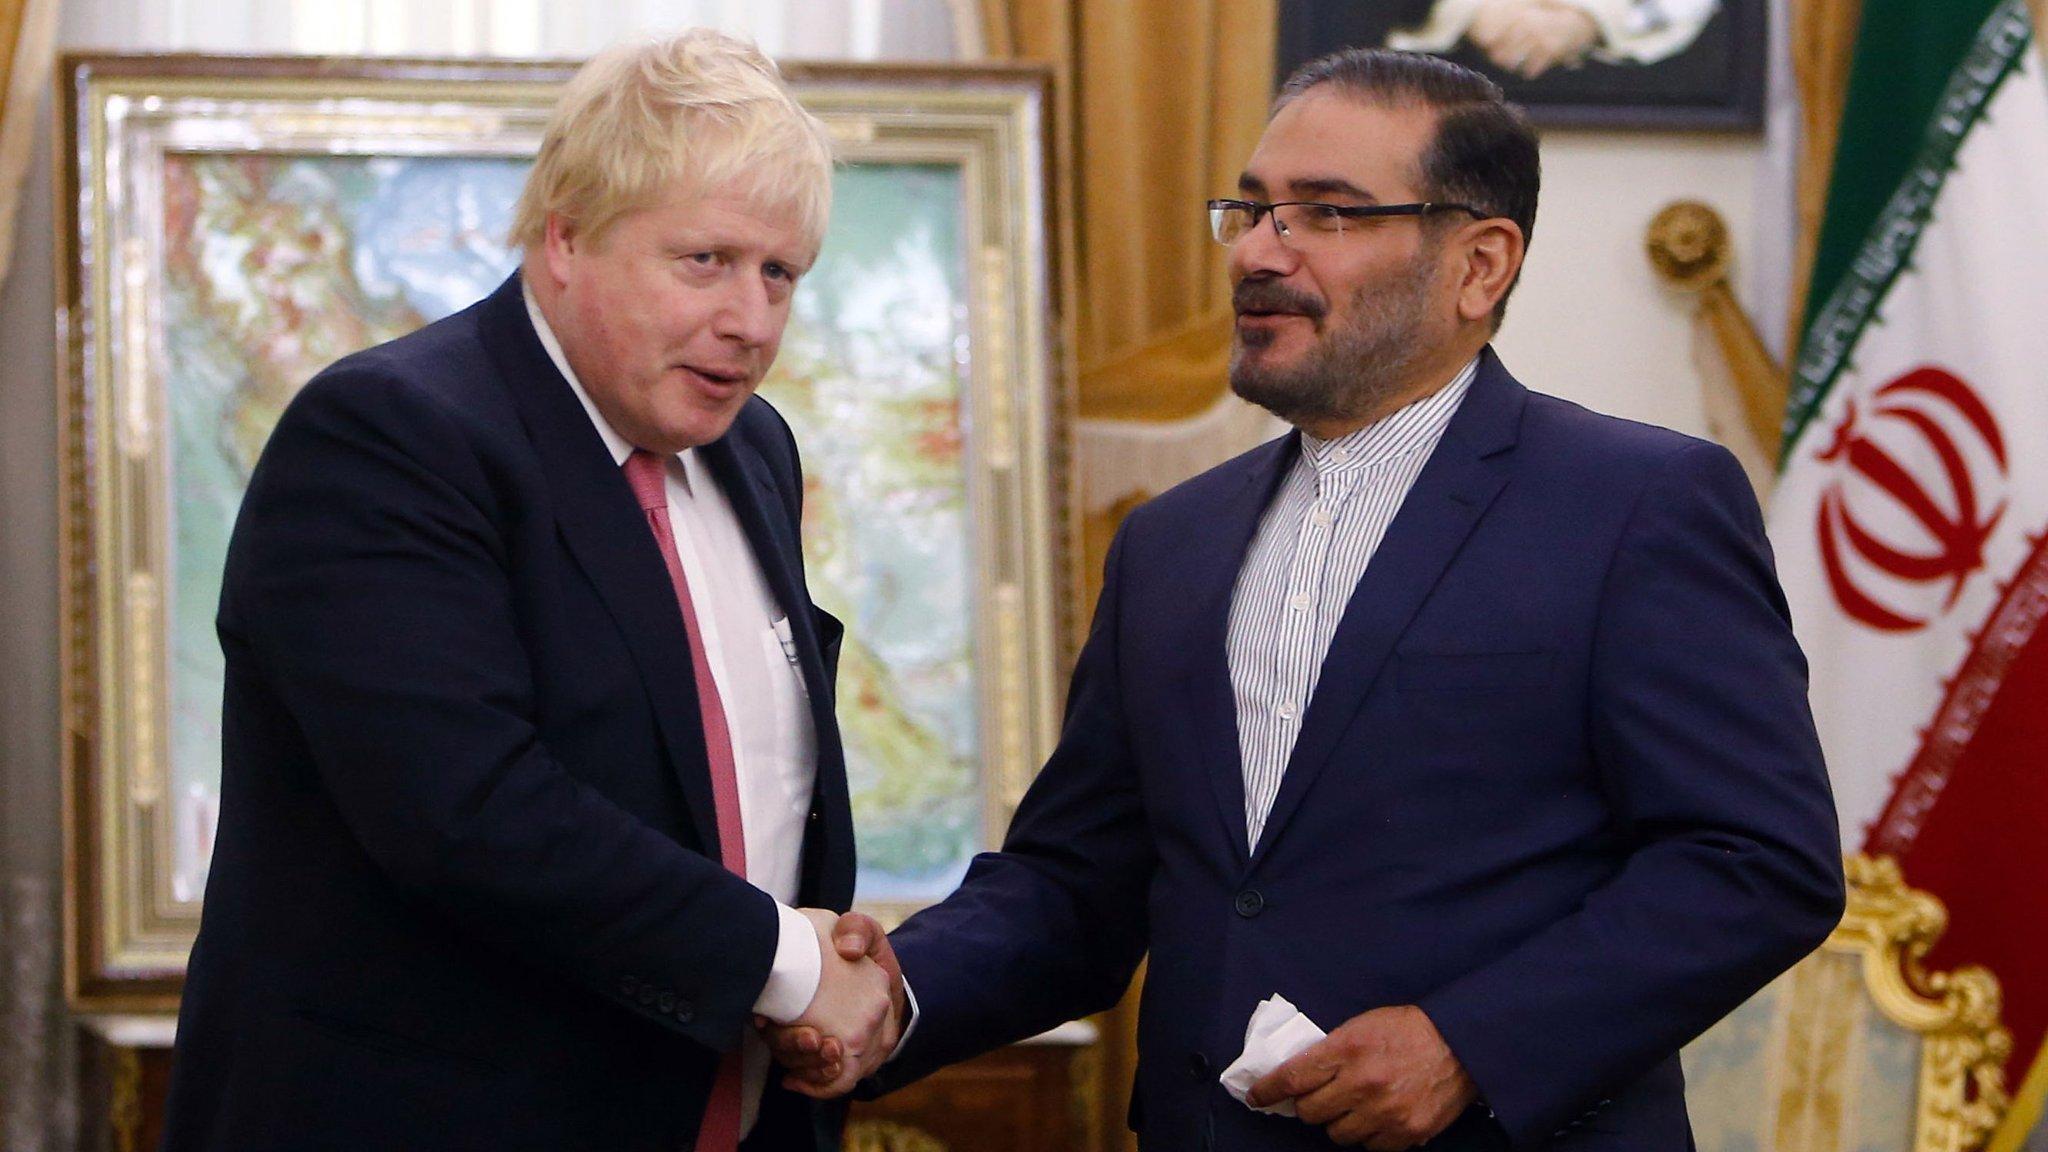 Boris Johnson holds 'frank' talks in Iran over jailed Briton